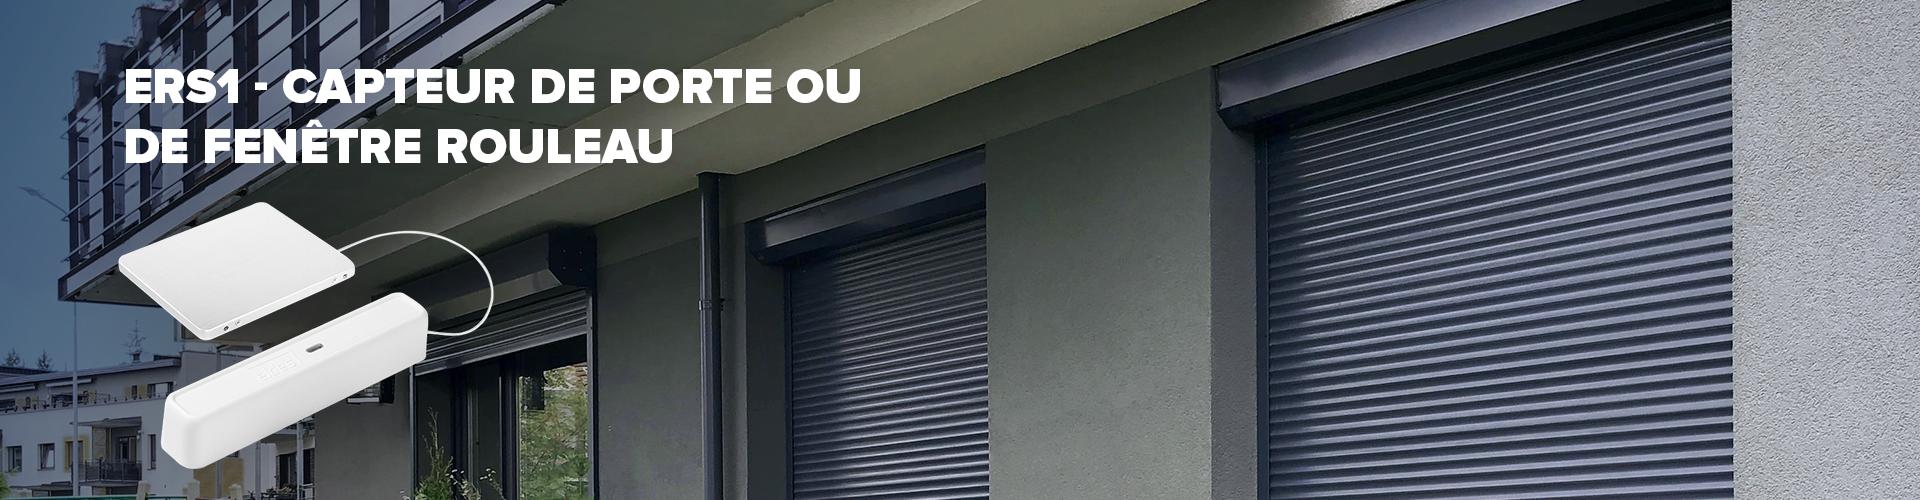 DÉTECTEUR DE FENÊTRE/PORTE ROULEAU ERS1